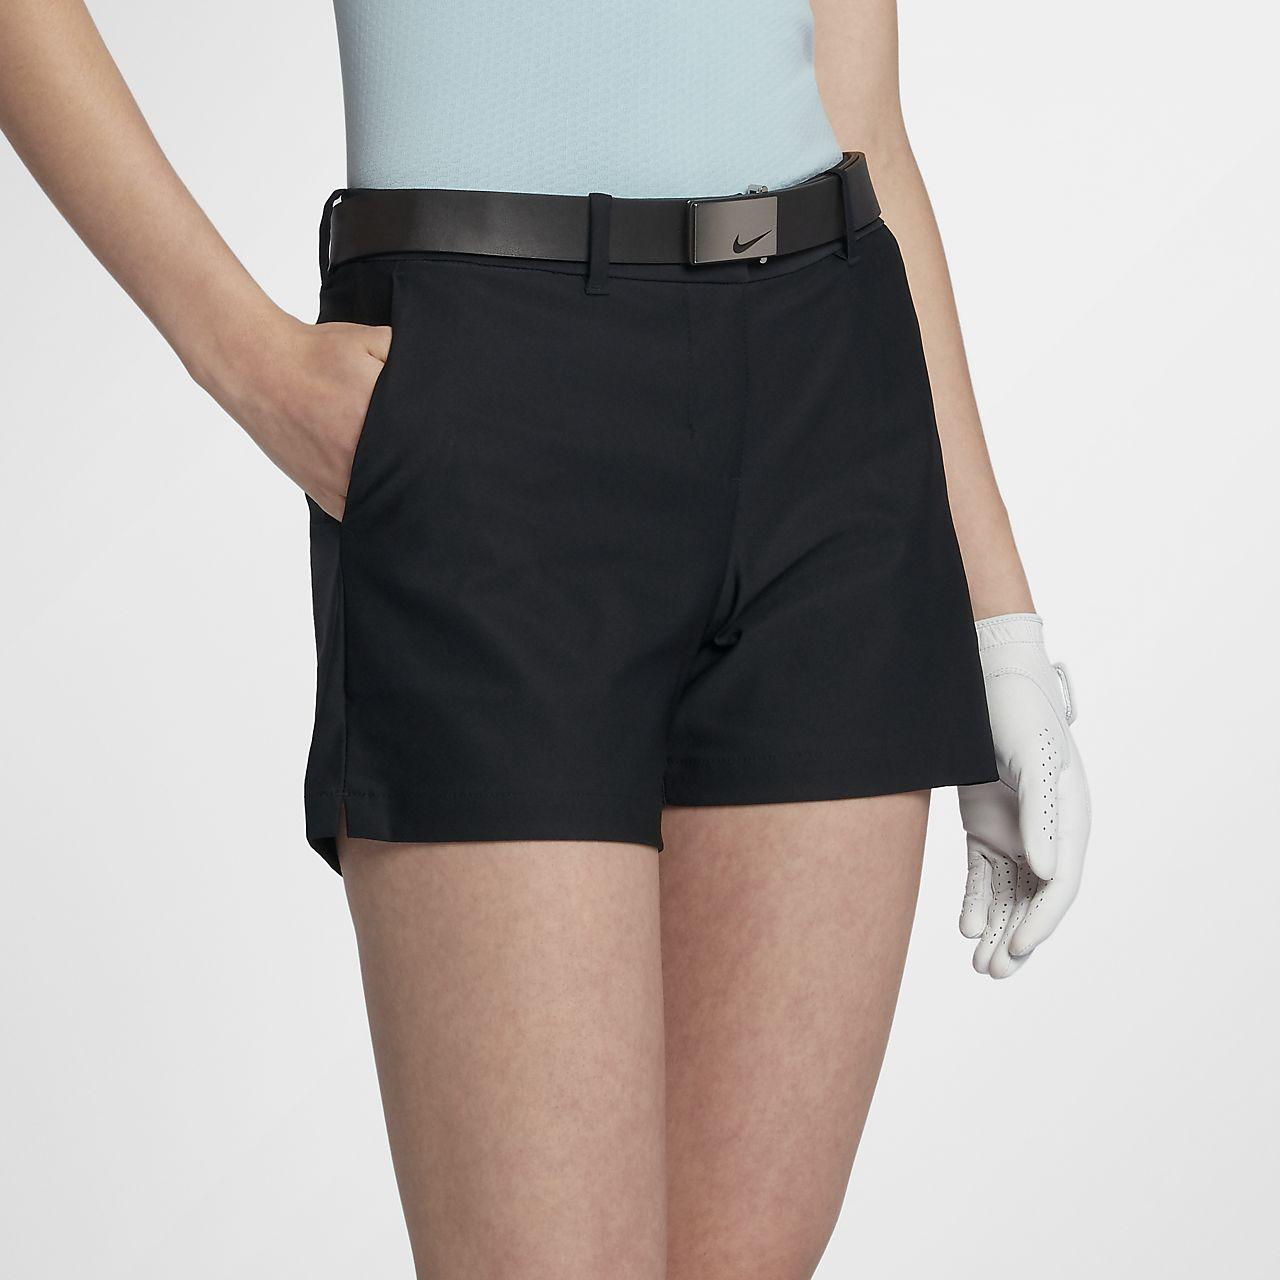 Shorts de golf tejidos de 11,5 cm para mujer Nike Flex